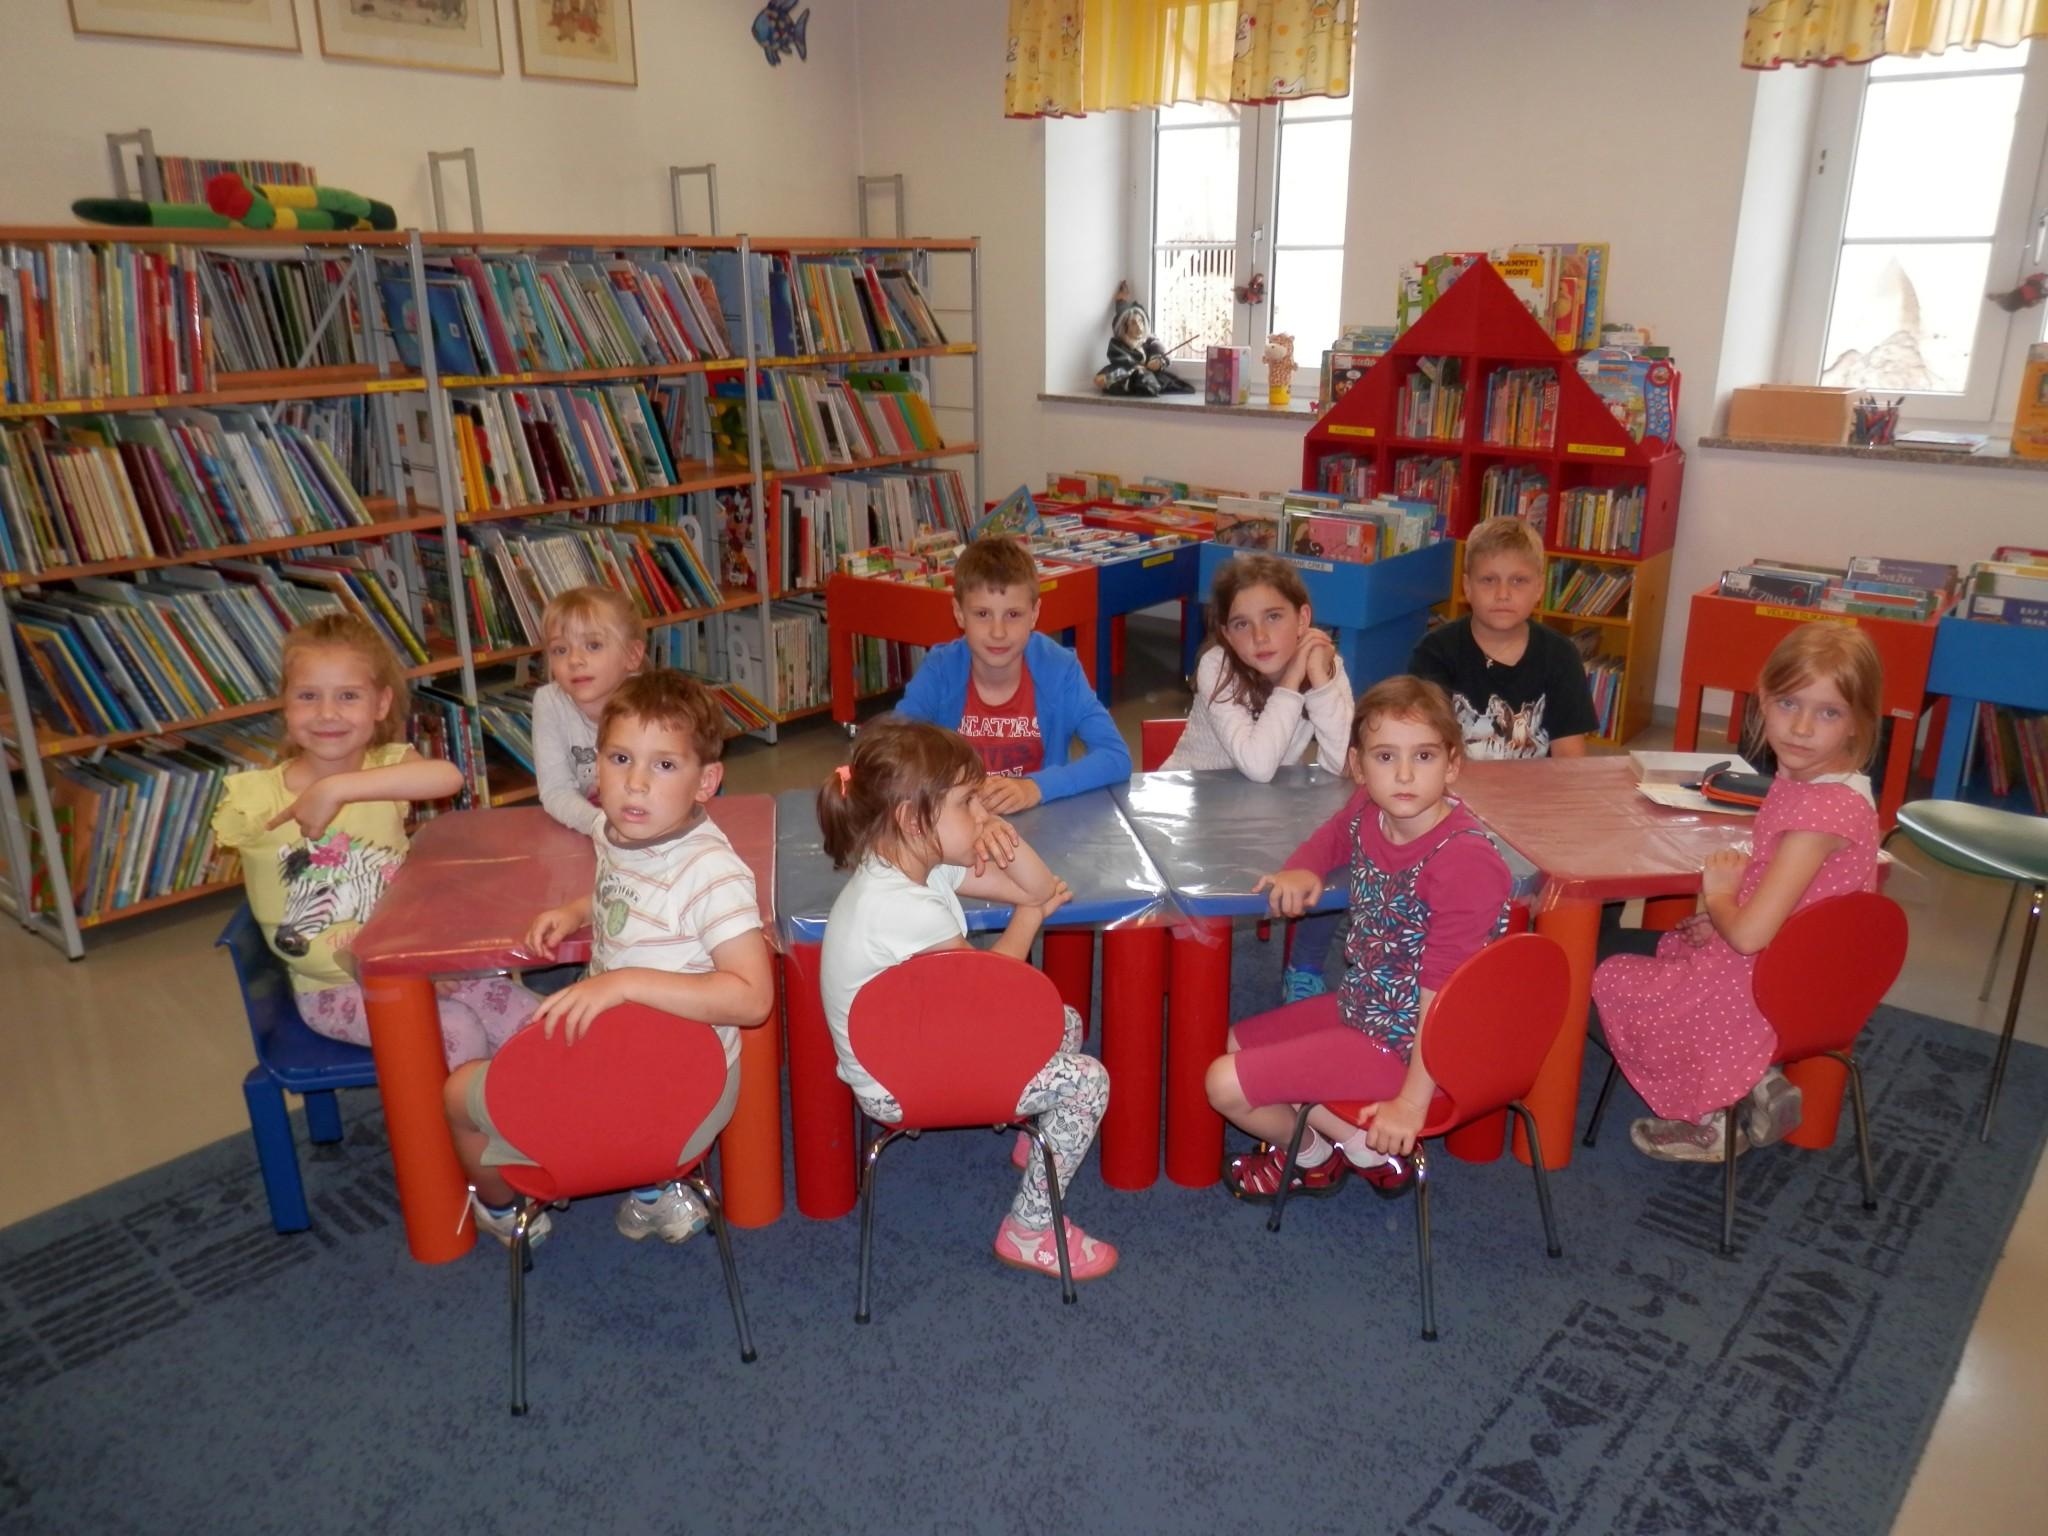 P6160152 - Pravljični rožnik - pravljična urica z ustvarjalno delavnico za otroke od 4. leta dalje